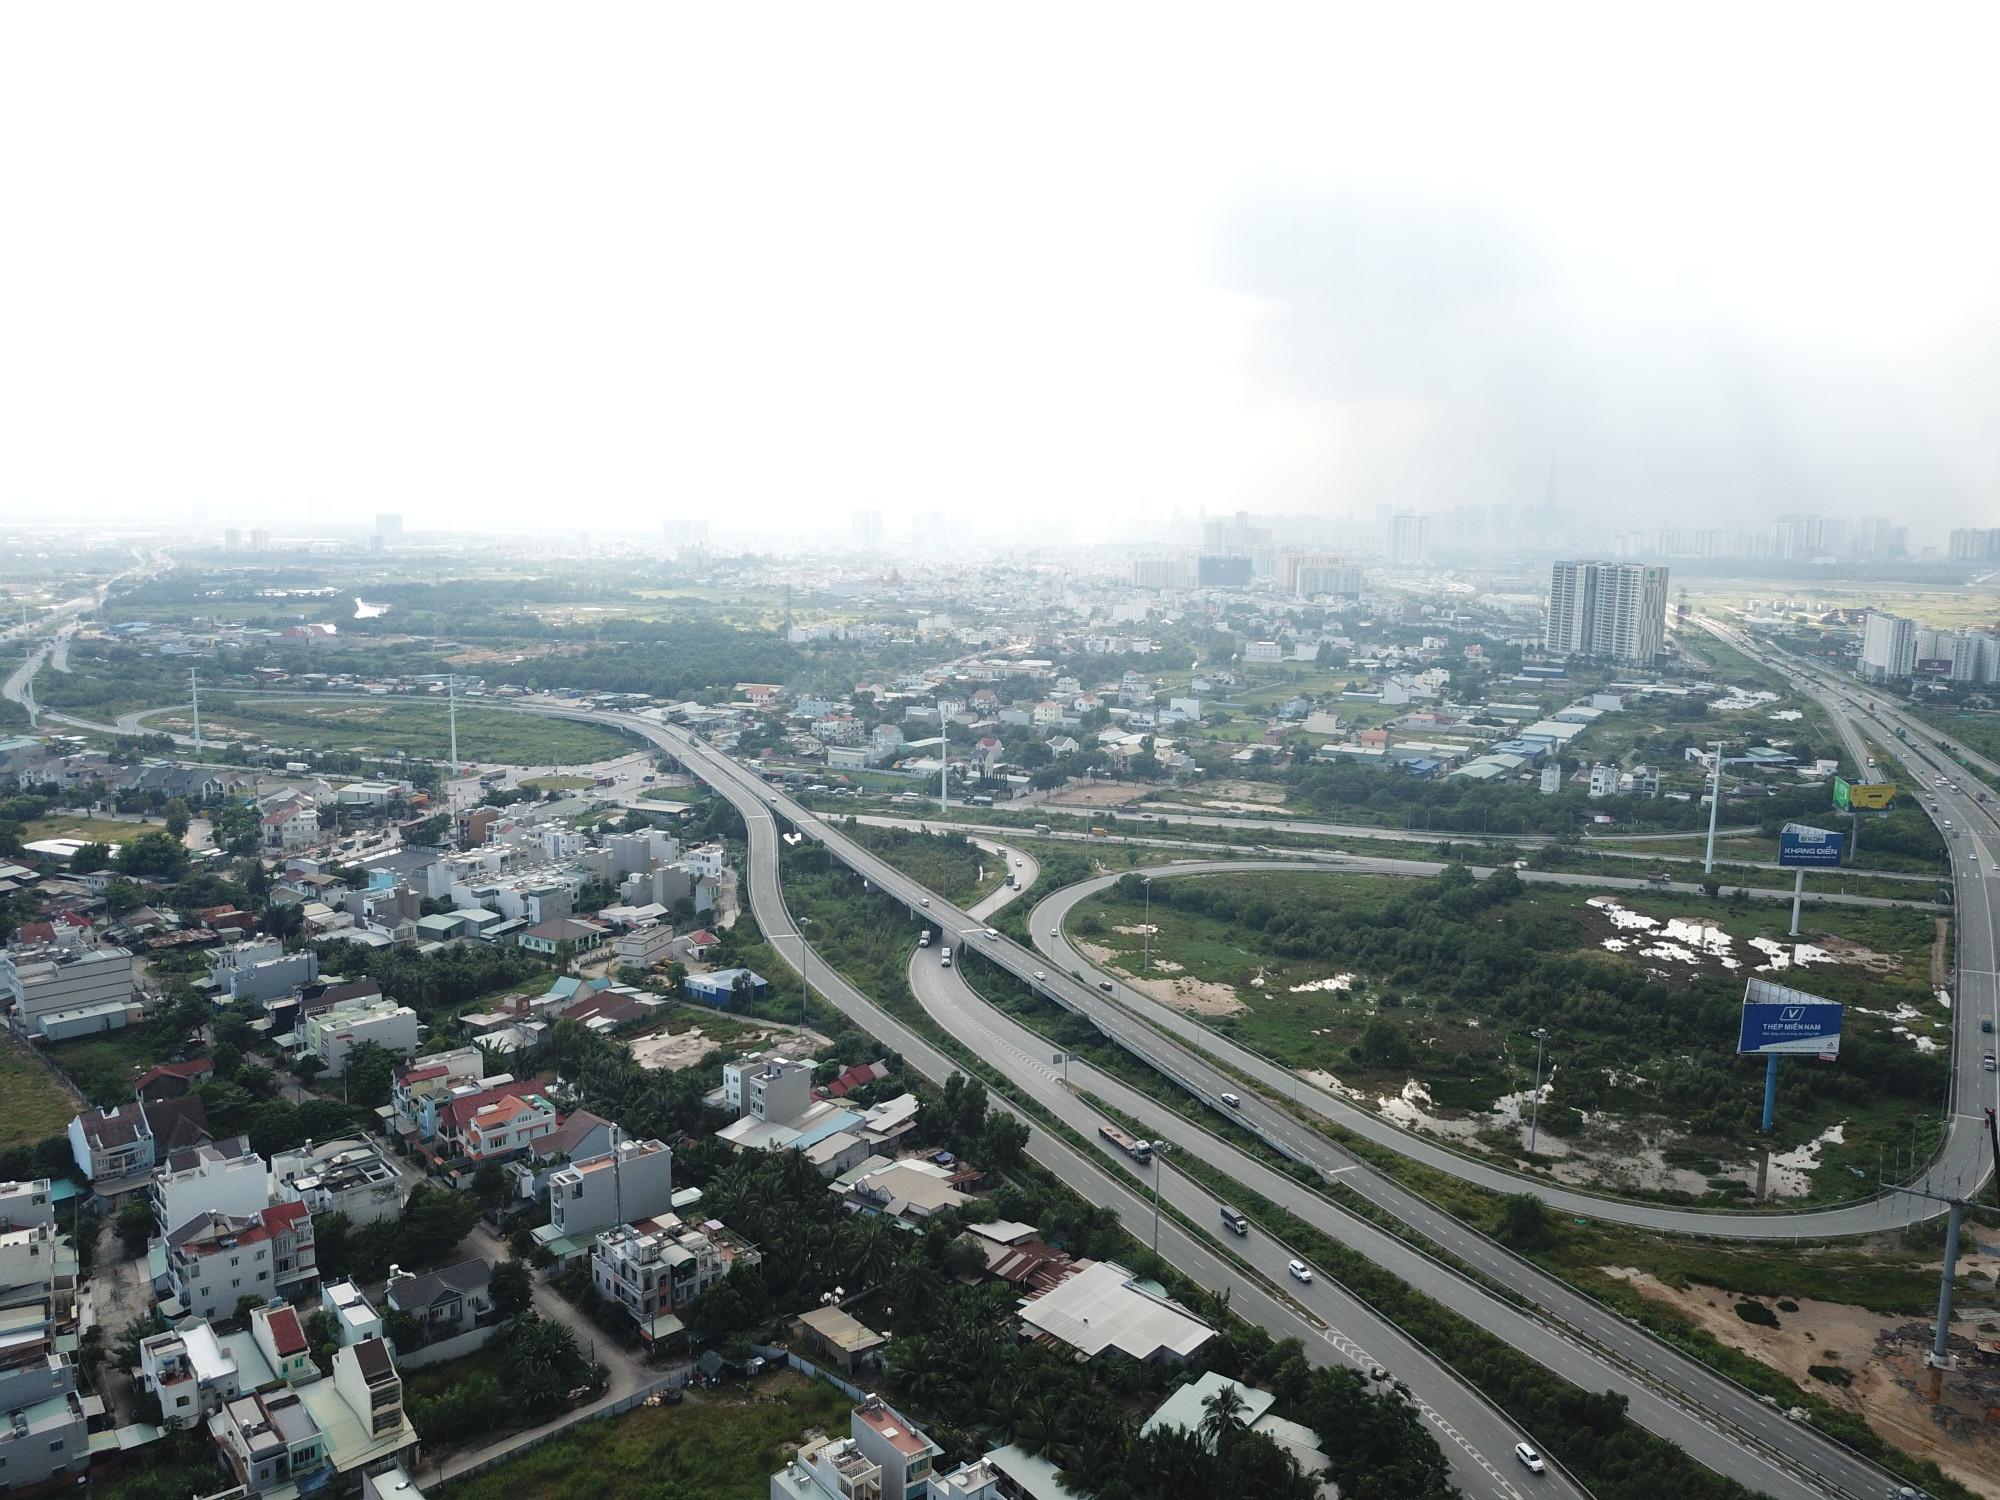 Hàng loạt công trình giao thông, dự án trọng điểm